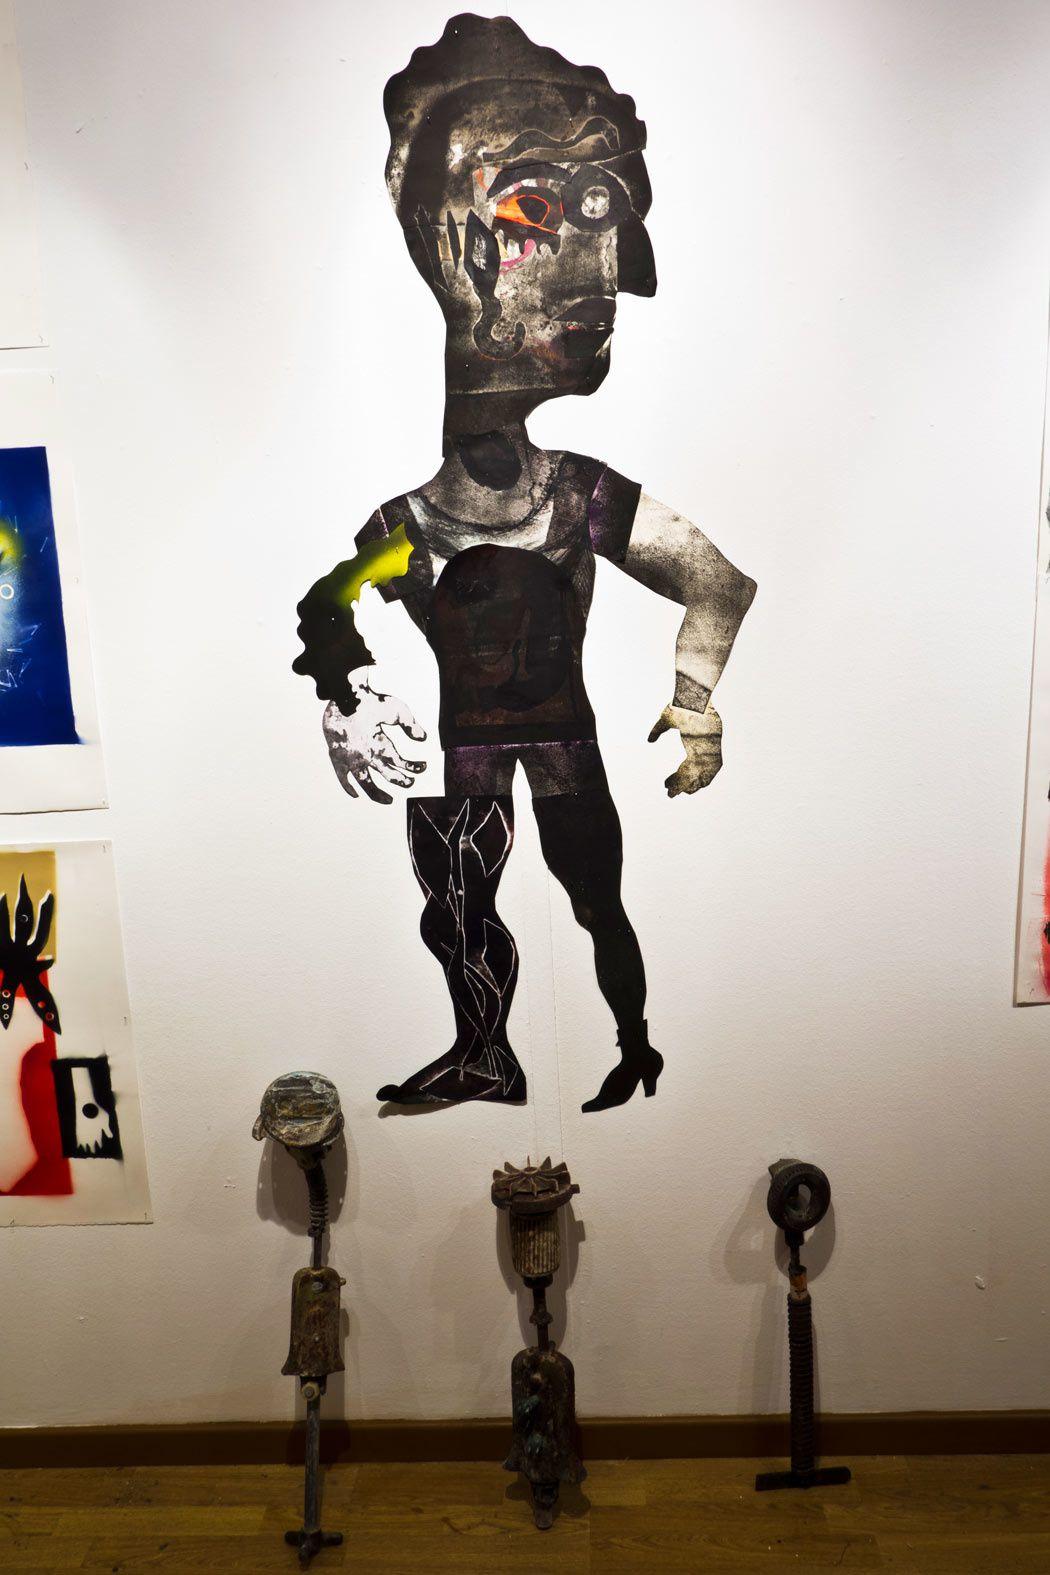 Mise en scène d'images, de films et d'objets à L'Atrium à Fort-de-France, Biennale Internationale d'Art Contemporain de la Martinique. nov. 2013 - janv 2014